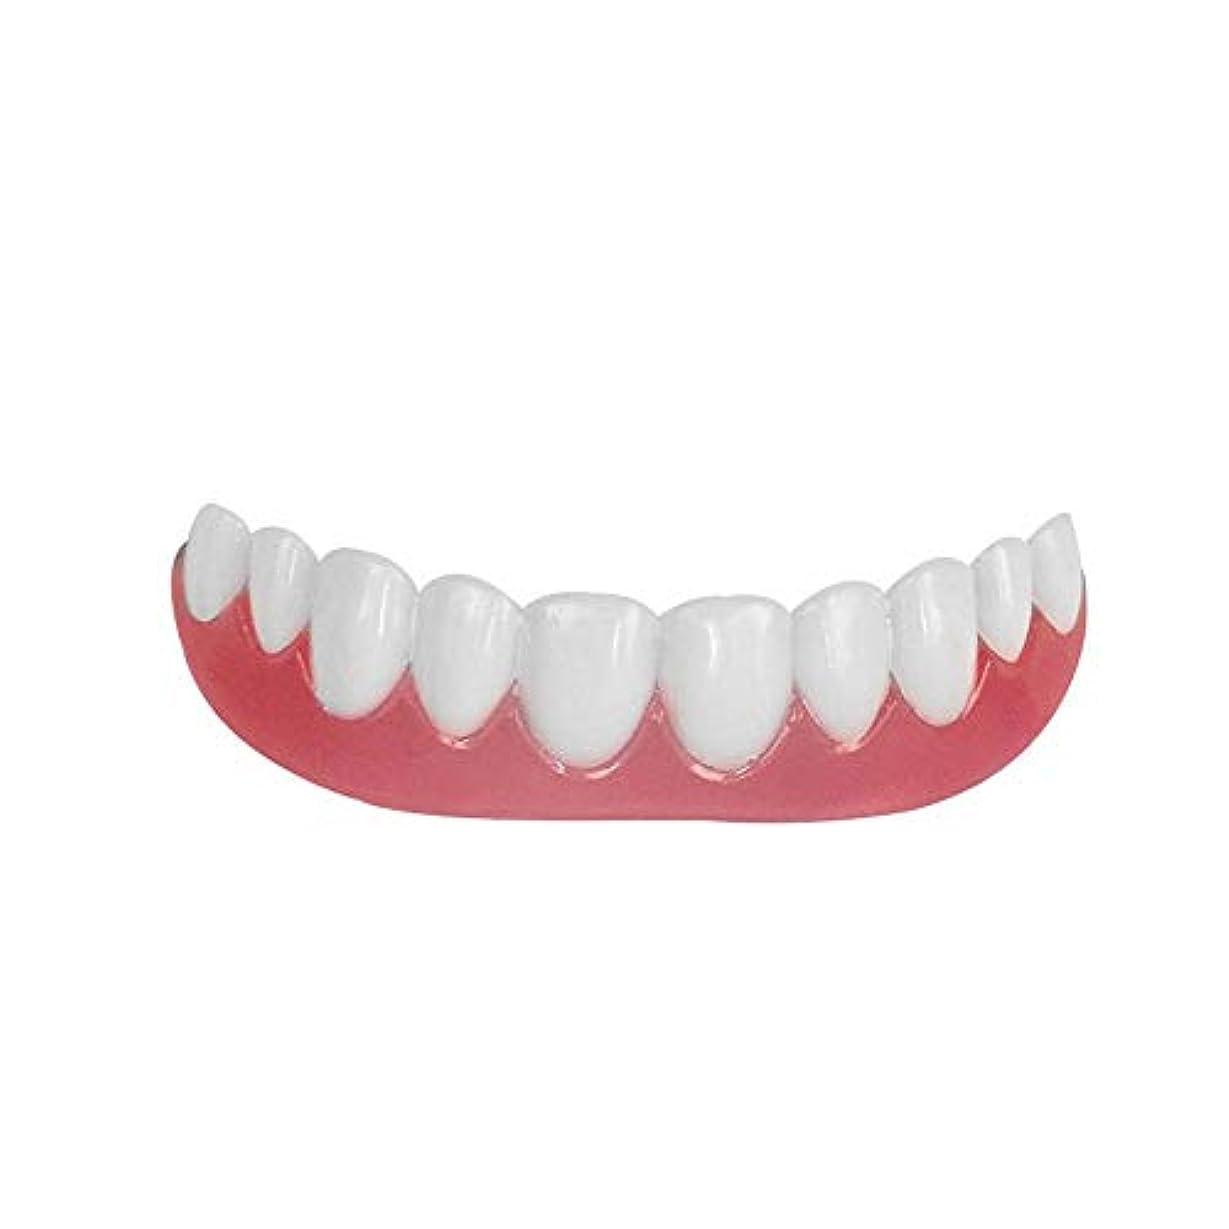 コーヒー肘中央値シリコーン模擬歯上歯、ホワイトニングデンタルステッカー、歯ホワイトニングセット(3pcs),A